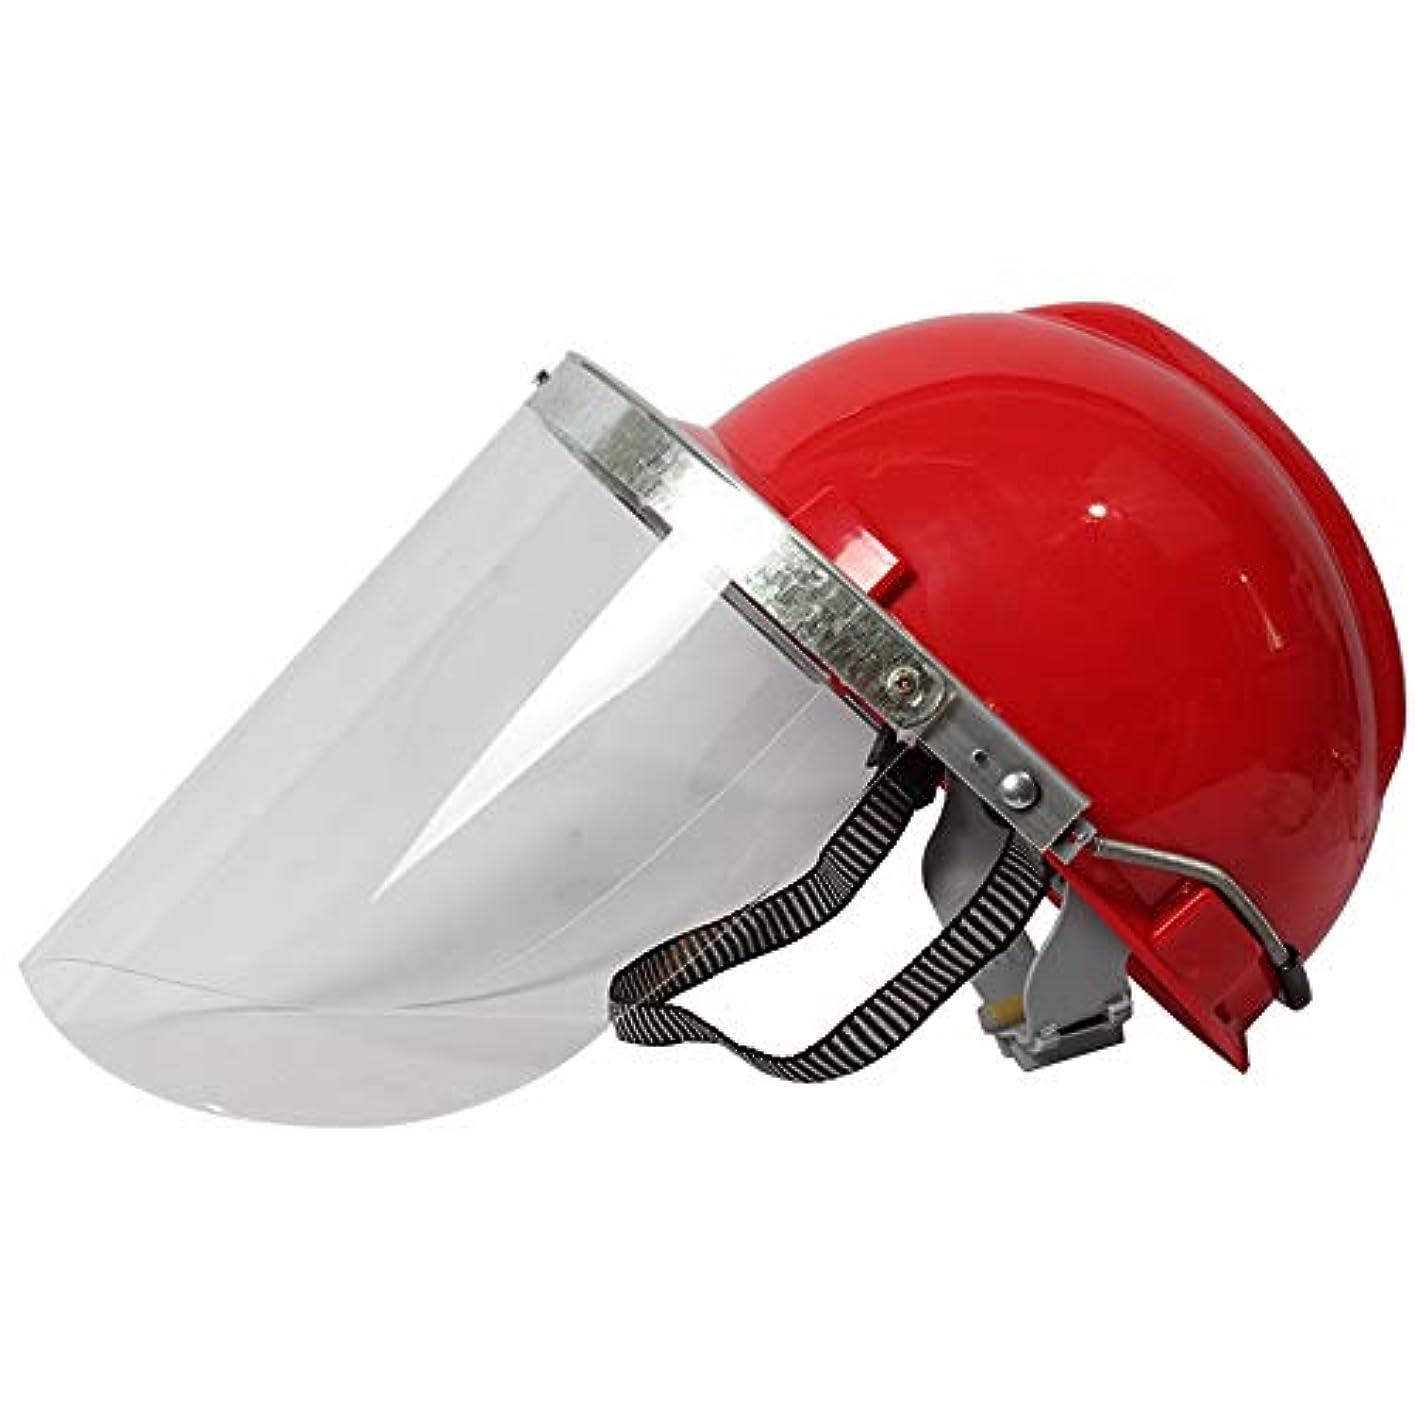 感謝している定数プランテーション安全性 ヘルメット 調節可能 ヘルメット 保護装置 建設用 住宅改善用,